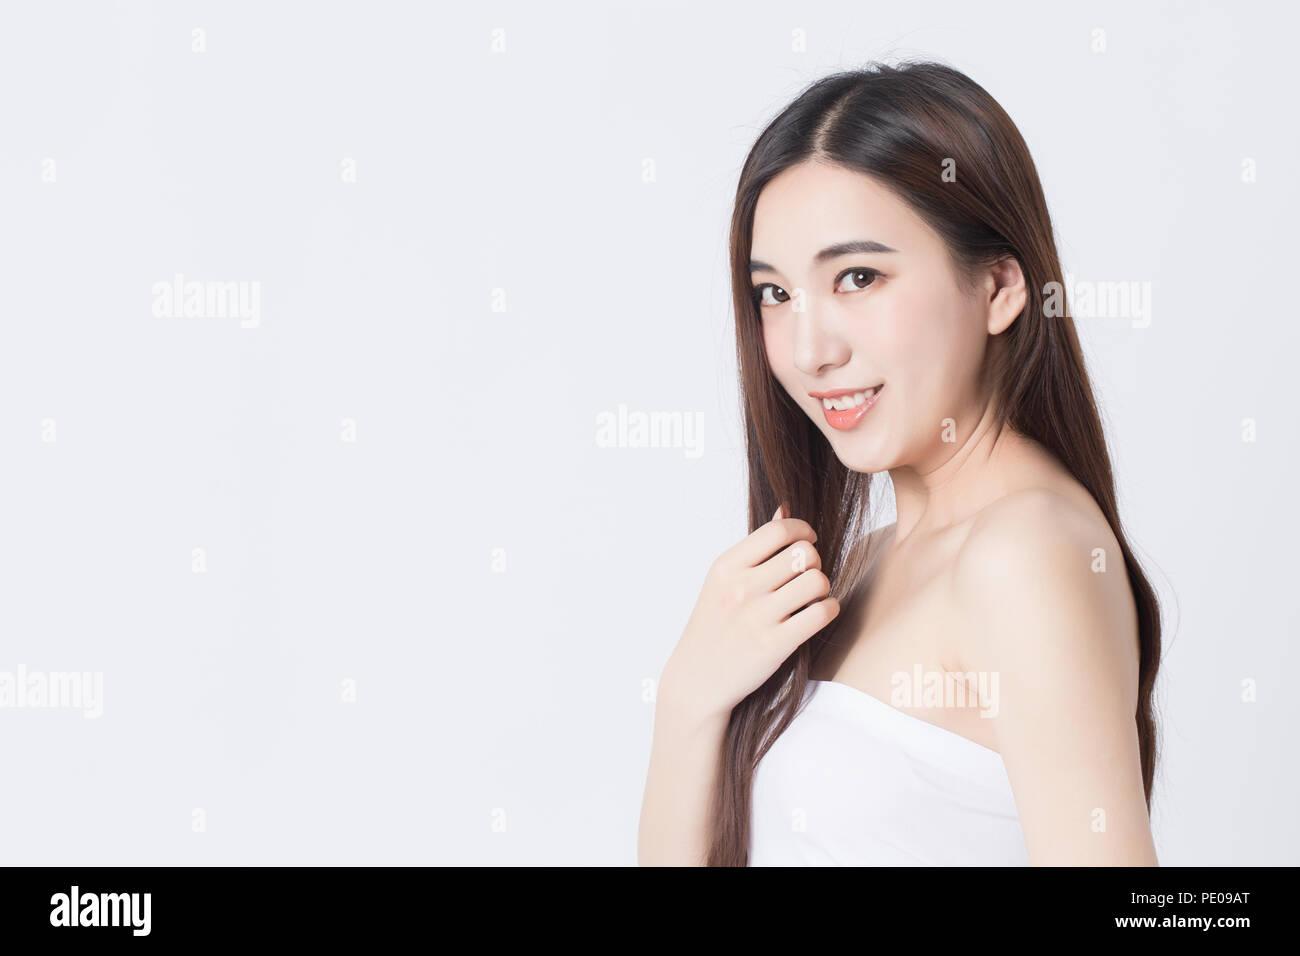 Ritratto del bellissimo modello femminile su sfondo bianco Immagini Stock